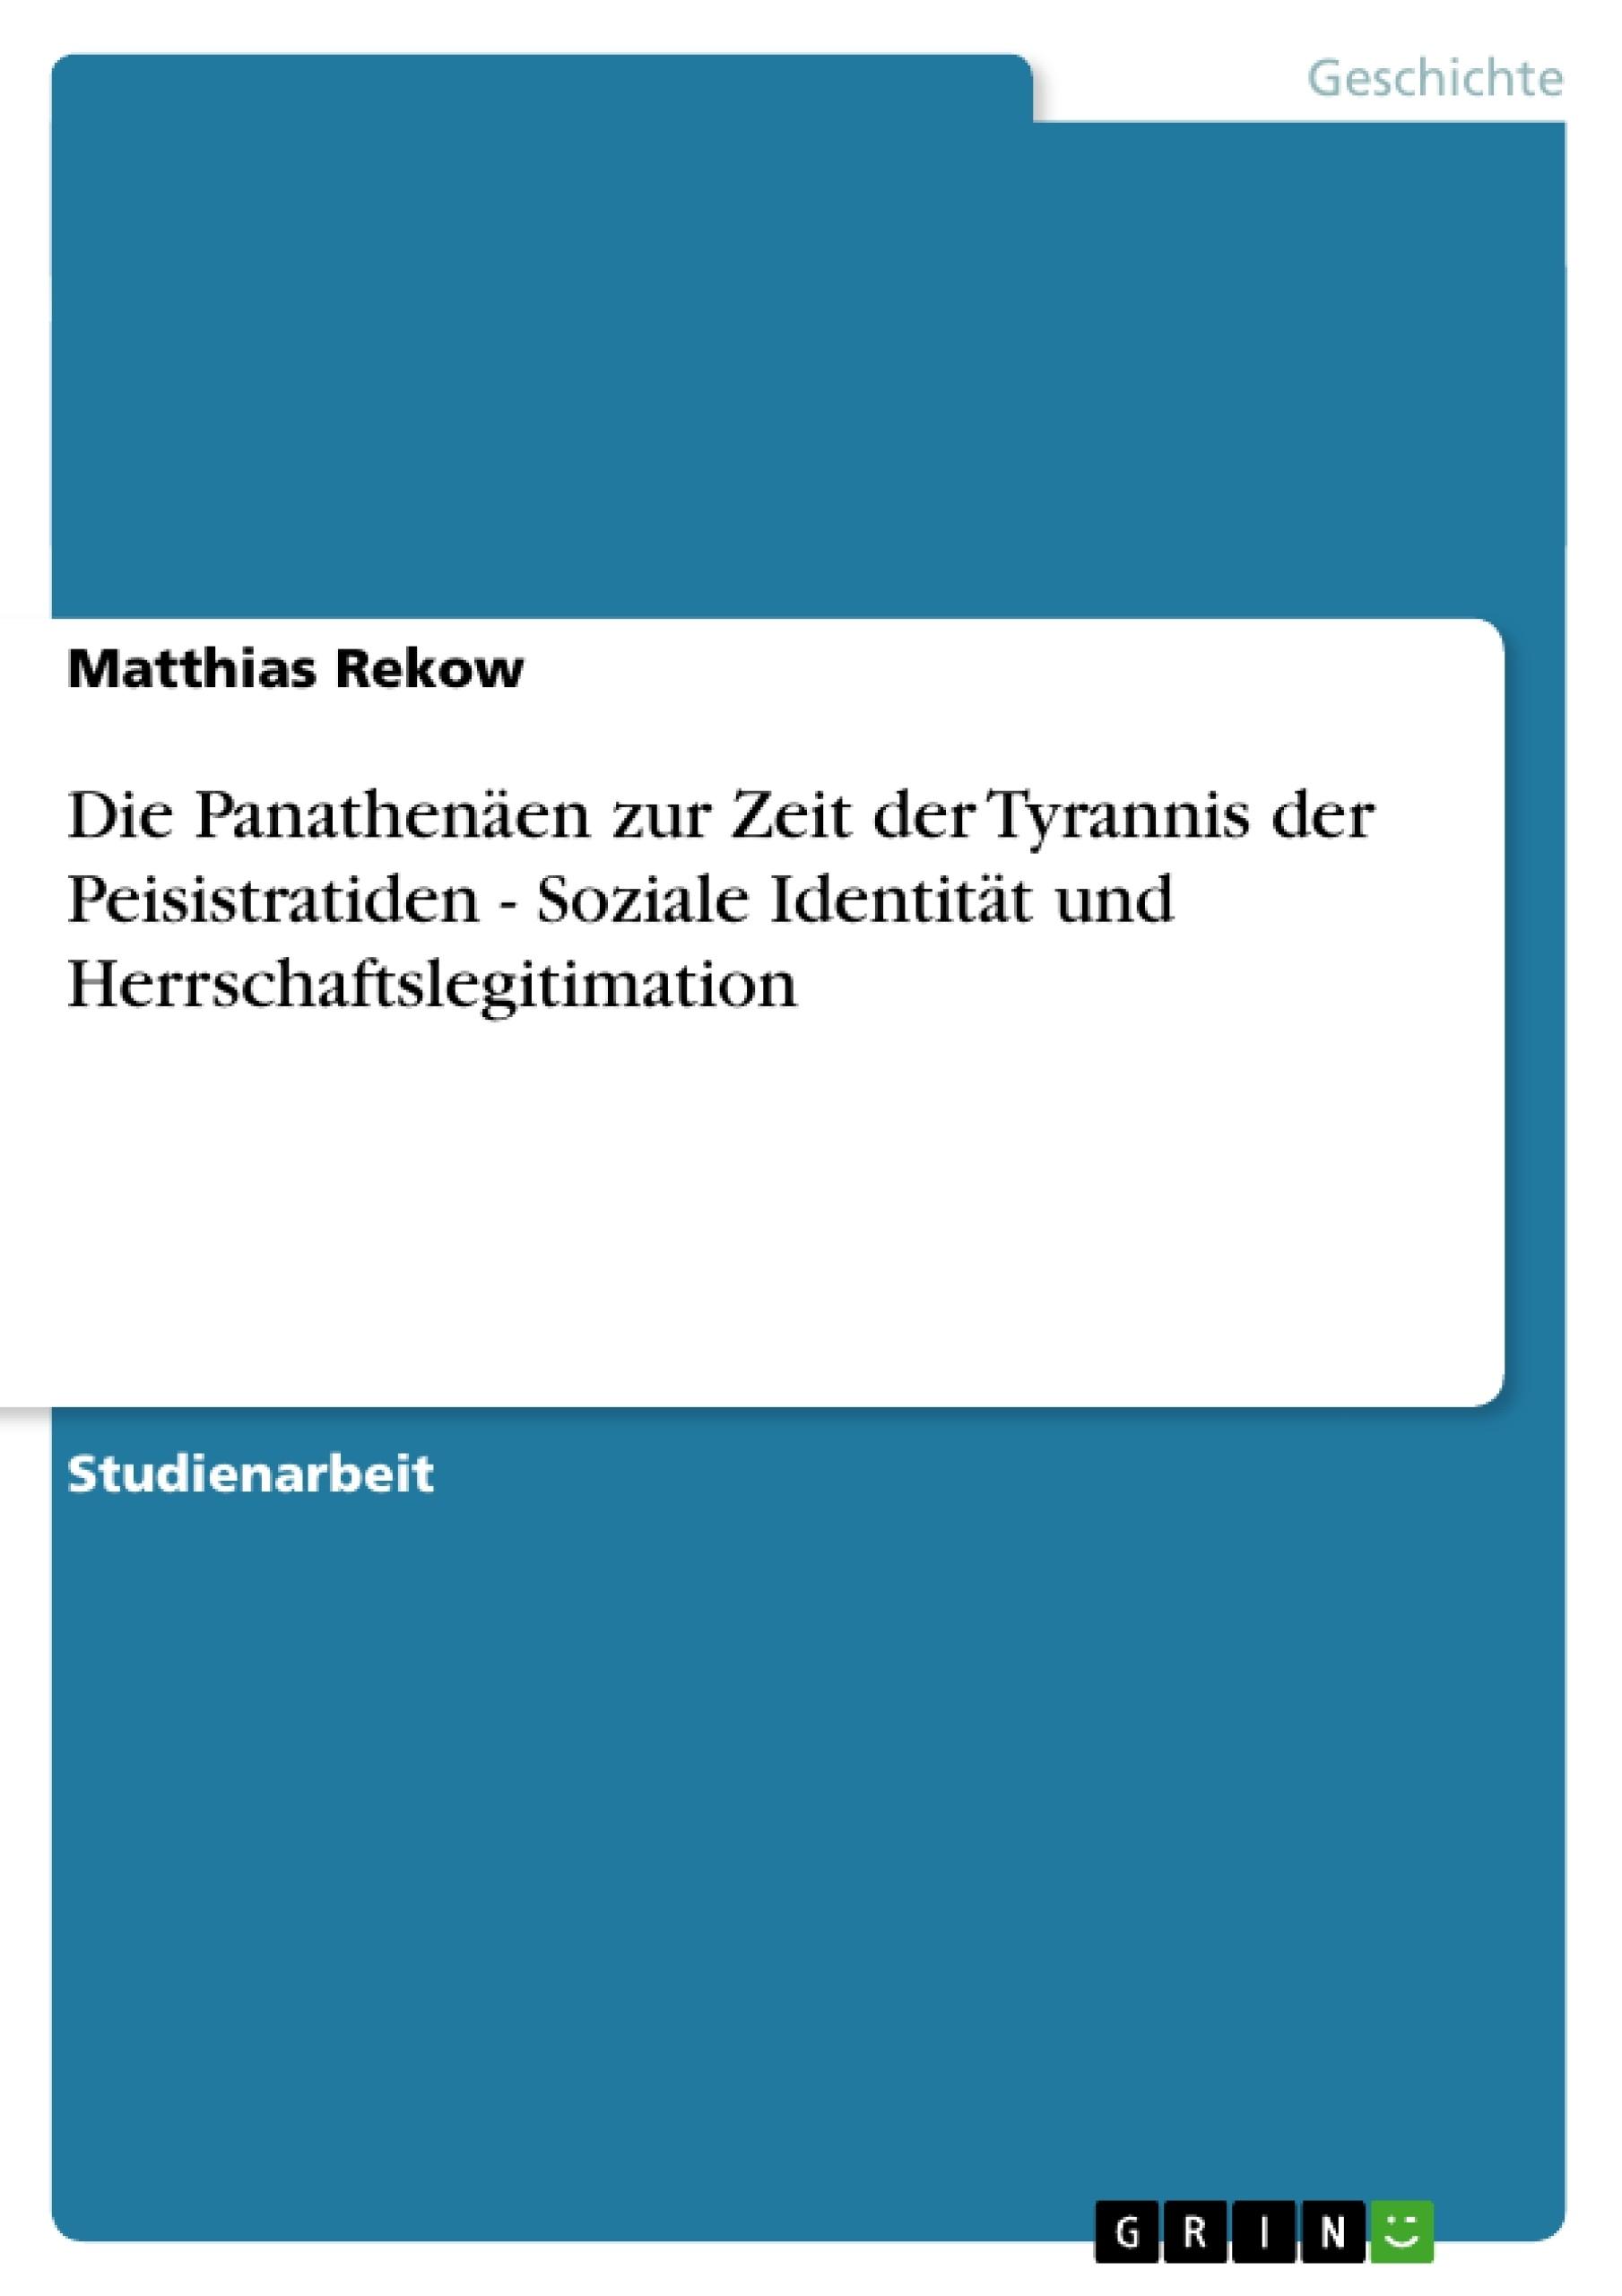 Titel: Die Panathenäen zur Zeit der Tyrannis der Peisistratiden - Soziale Identität und Herrschaftslegitimation